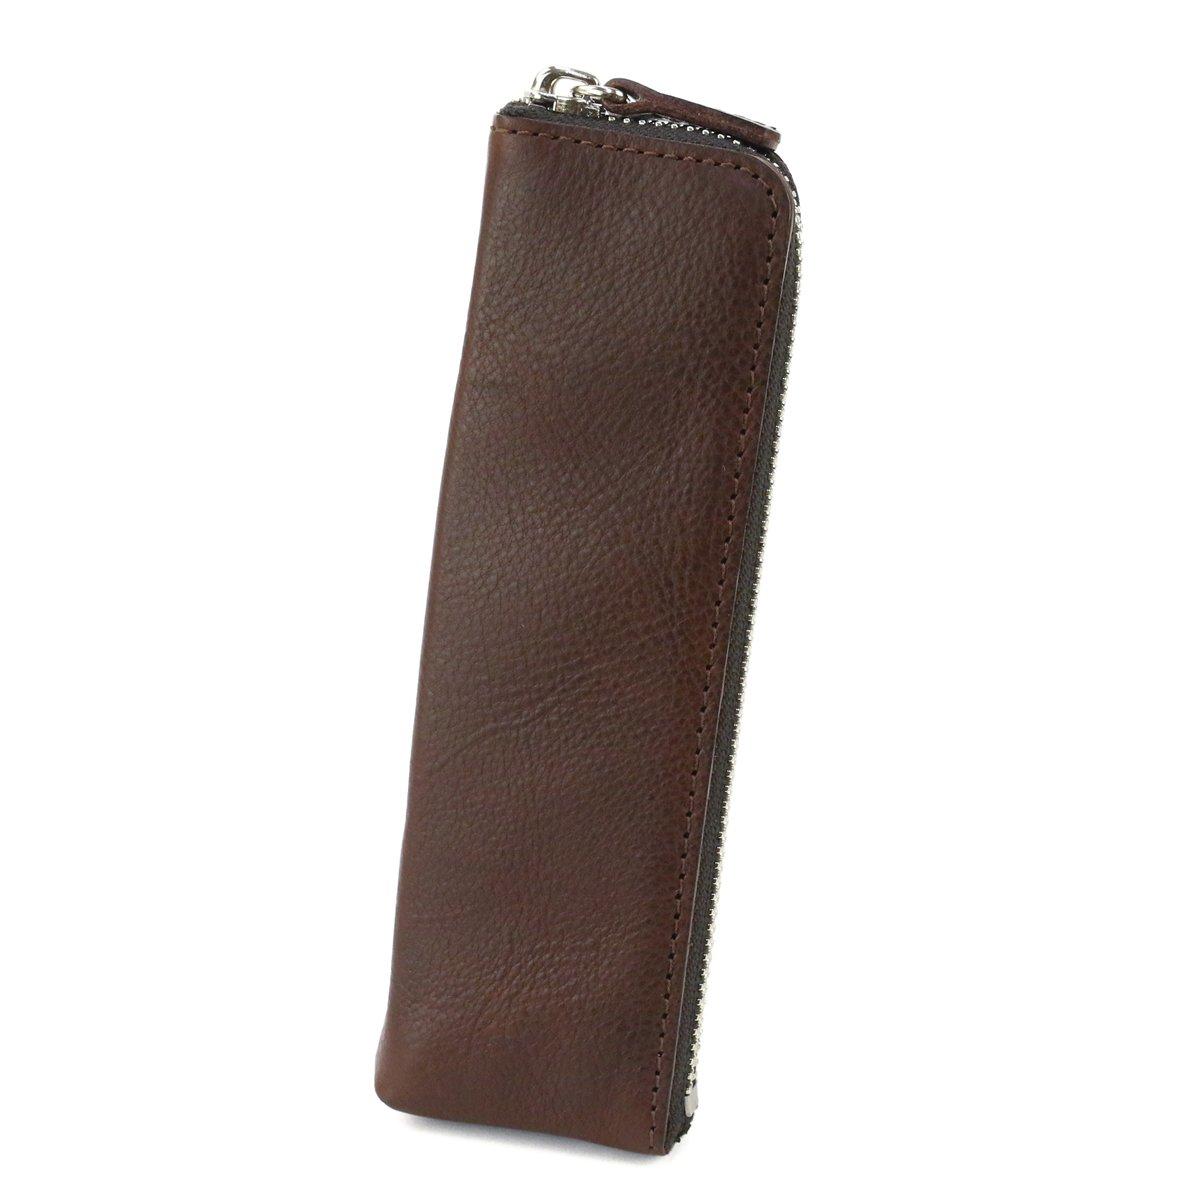 ダコタブラックレーベル プルームテック ケース 本革 マルスピーオ 0627102 B078LH1CXM チョコ チョコ